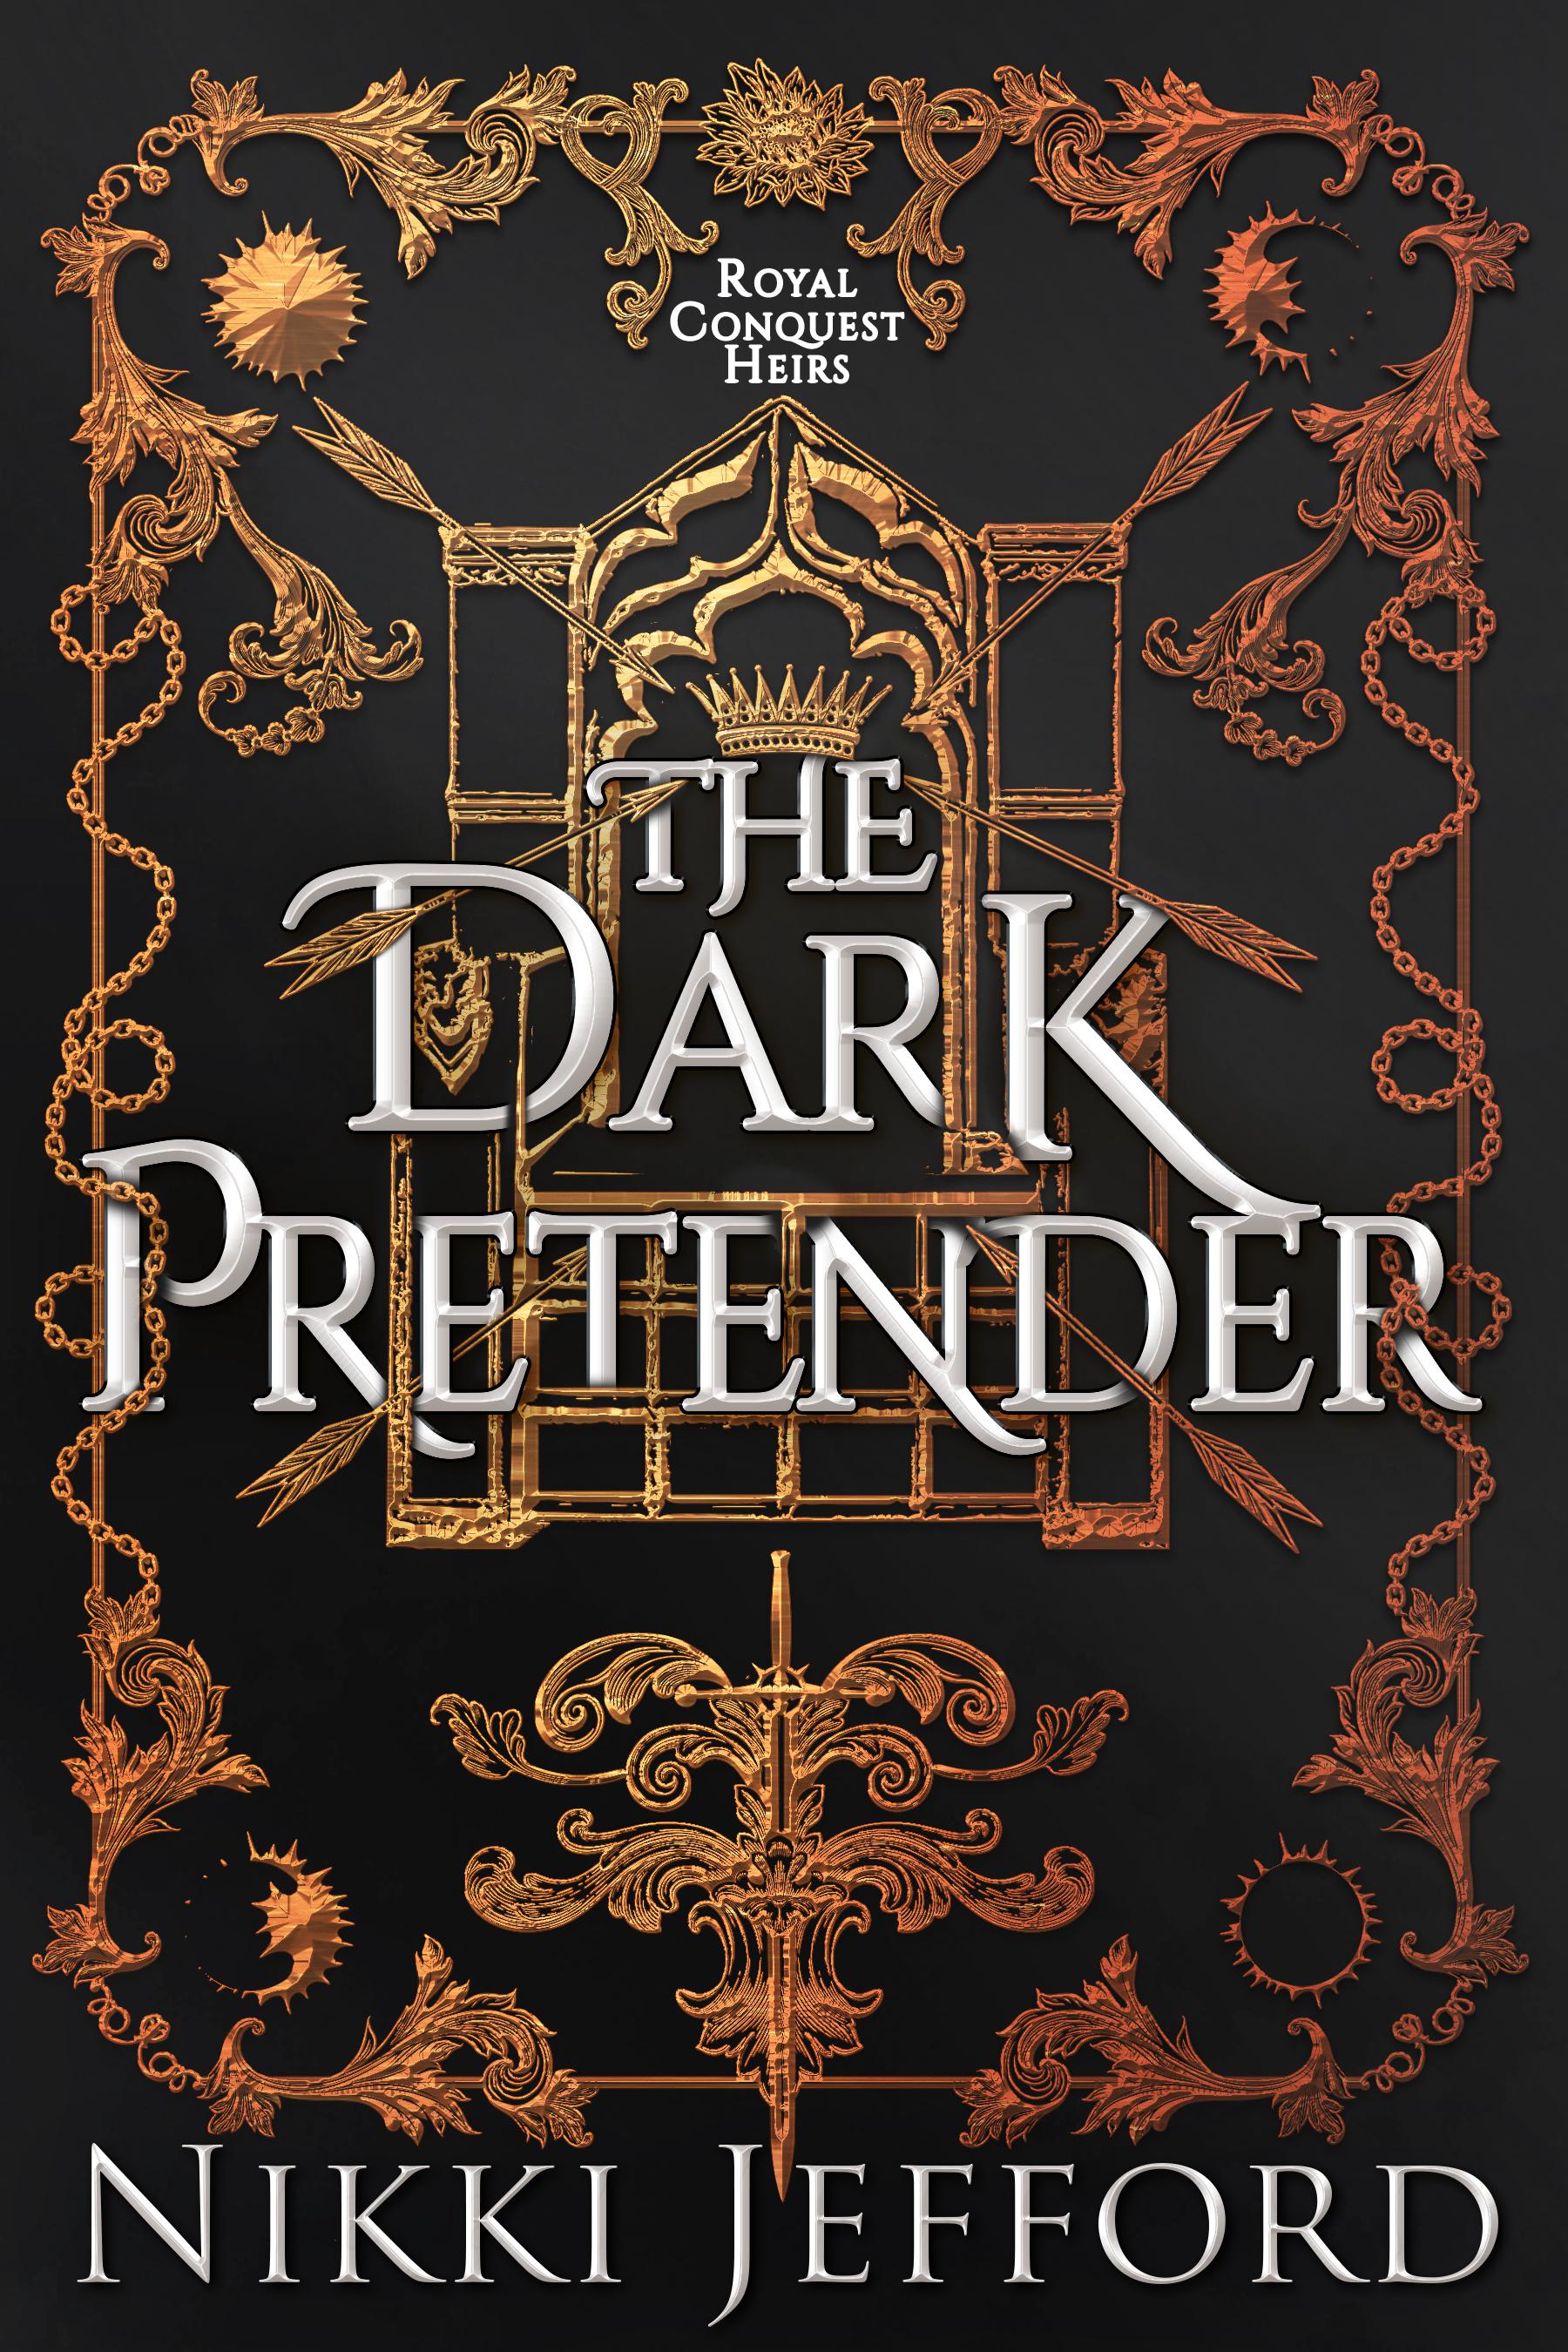 The Dark Pretender (Royal Conquest #6) by Nikki Jefford